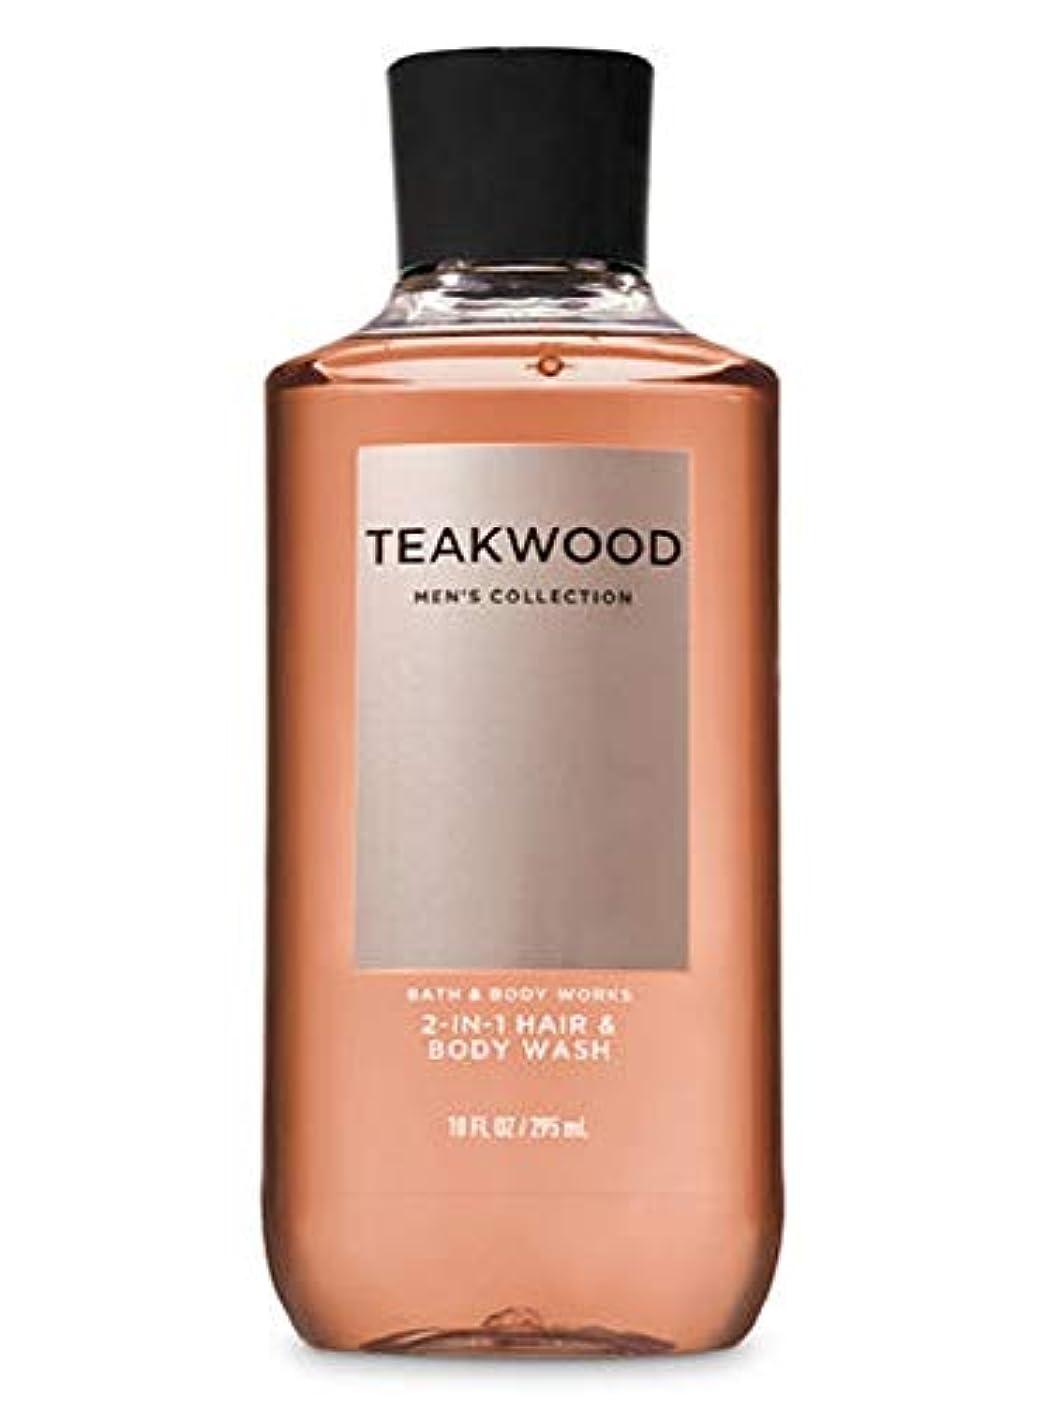 テンポ罹患率プレゼン【並行輸入品】Bath & Body Works TEAKWOOD 2-in-1 Hair + Body Wash